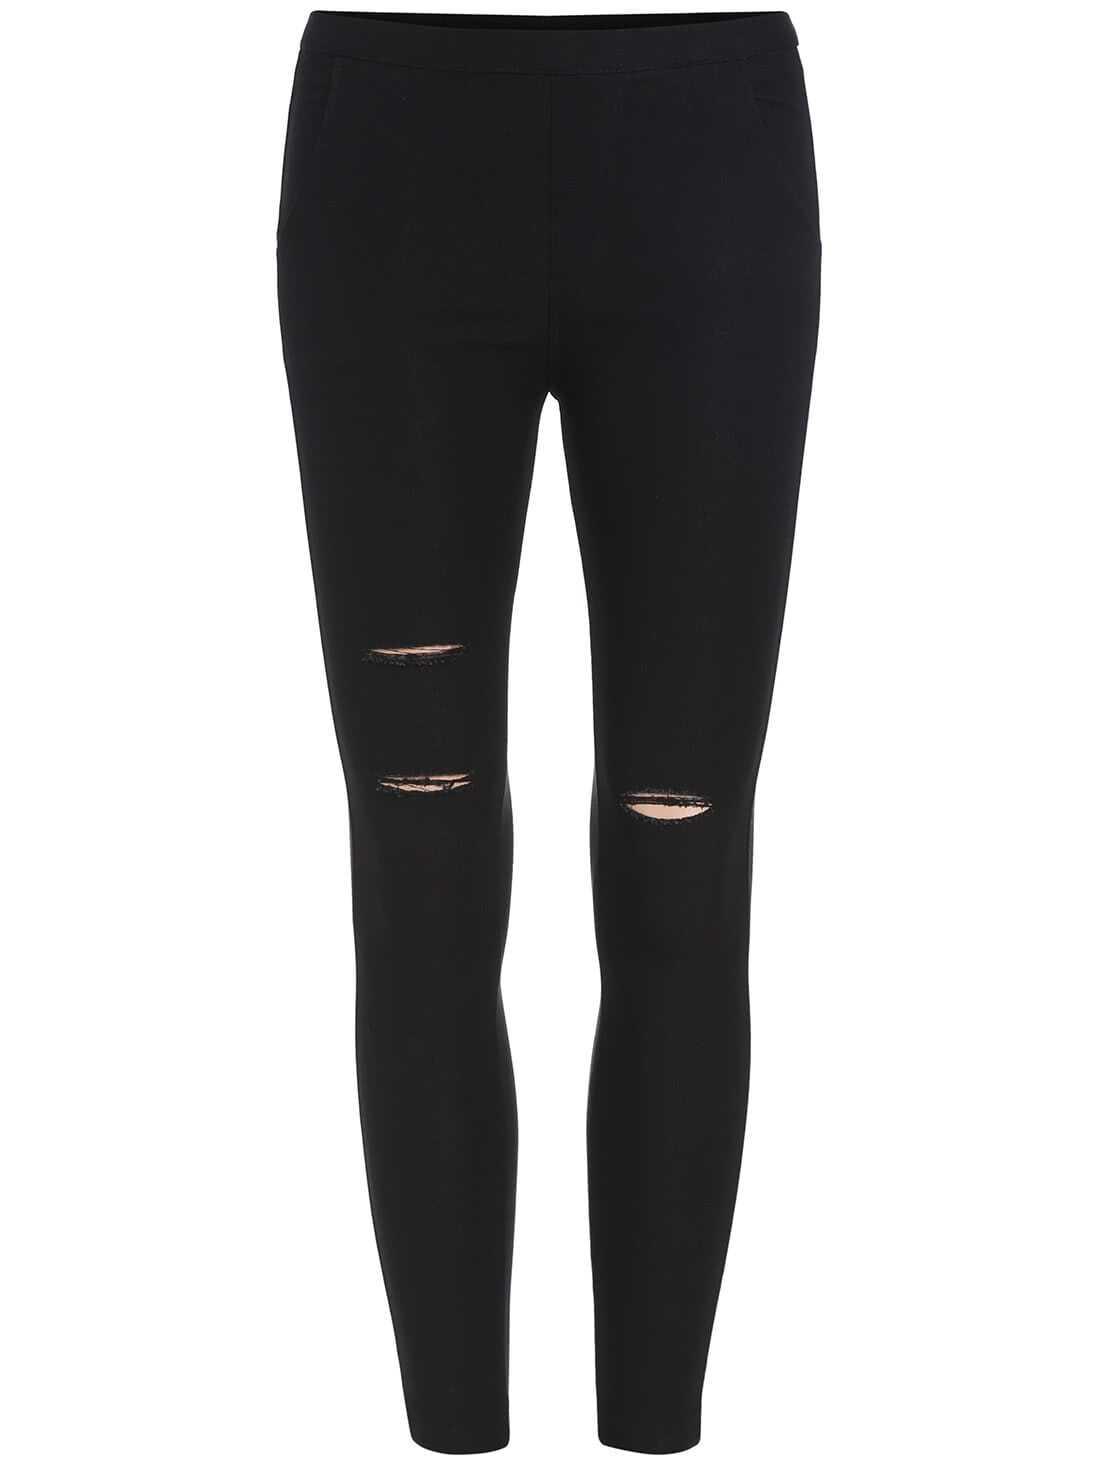 Black Skinny Cut-out Leggings